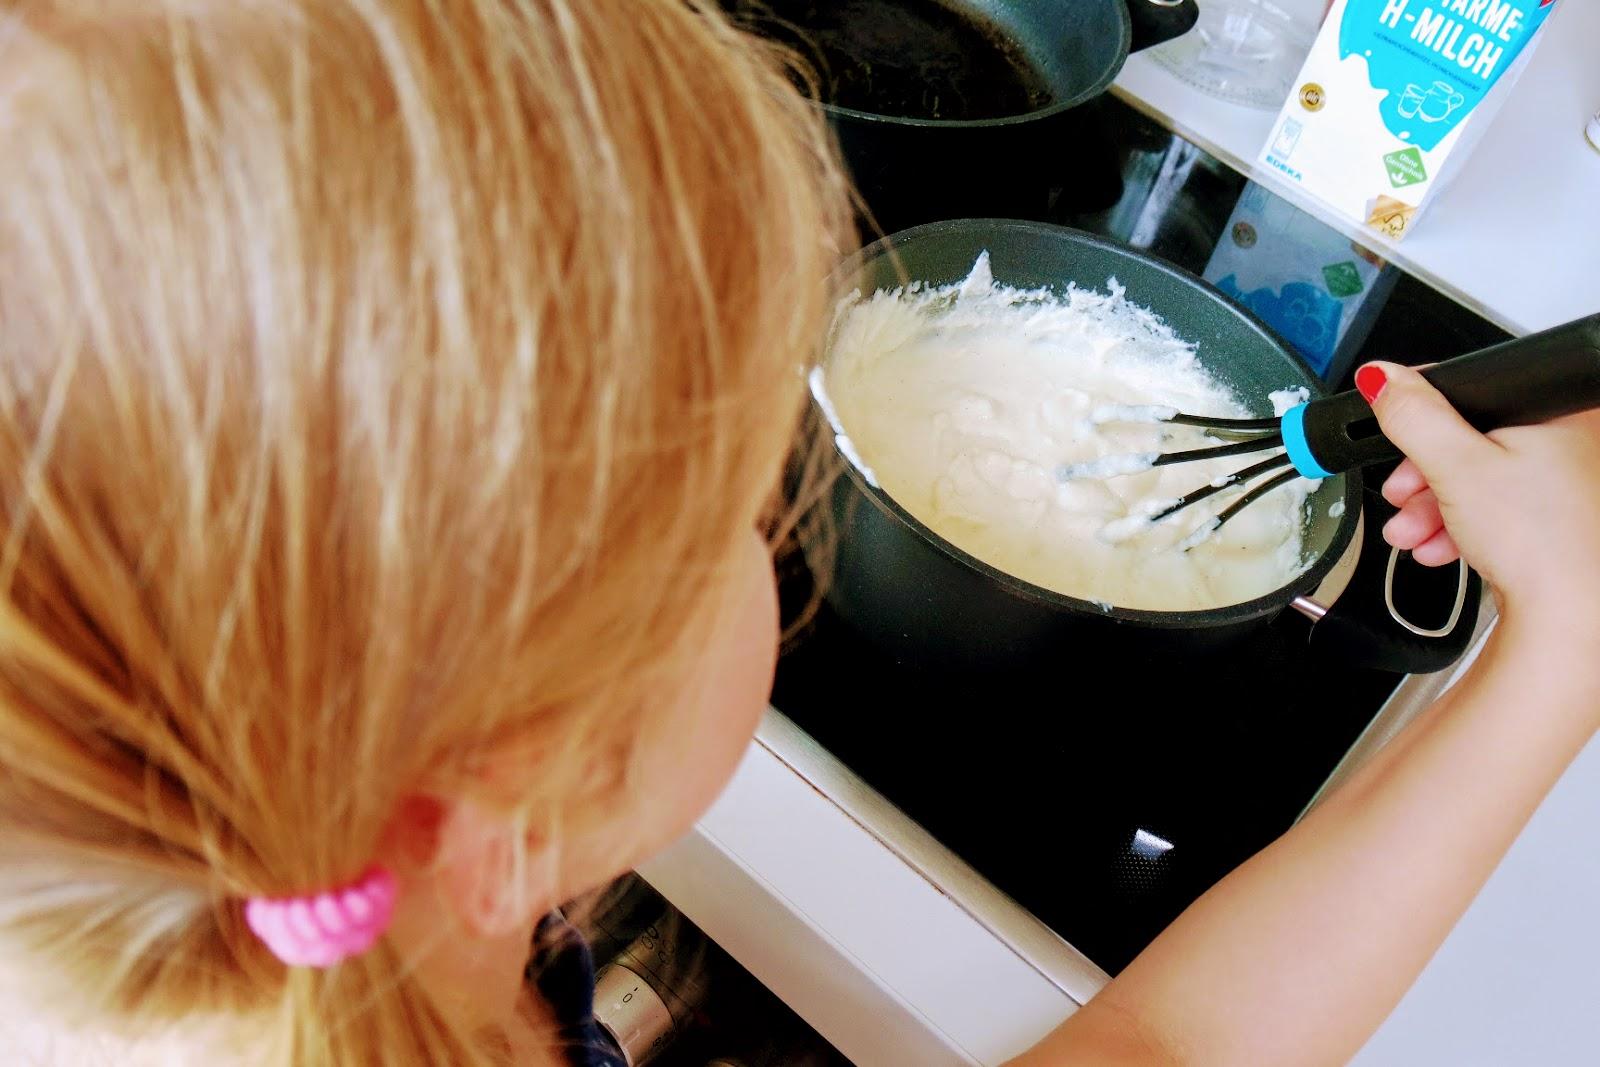 Grießbrei Rezept Klassisch pamelopee kochen für kinder grießbrei mit himbeerpüree klassisch